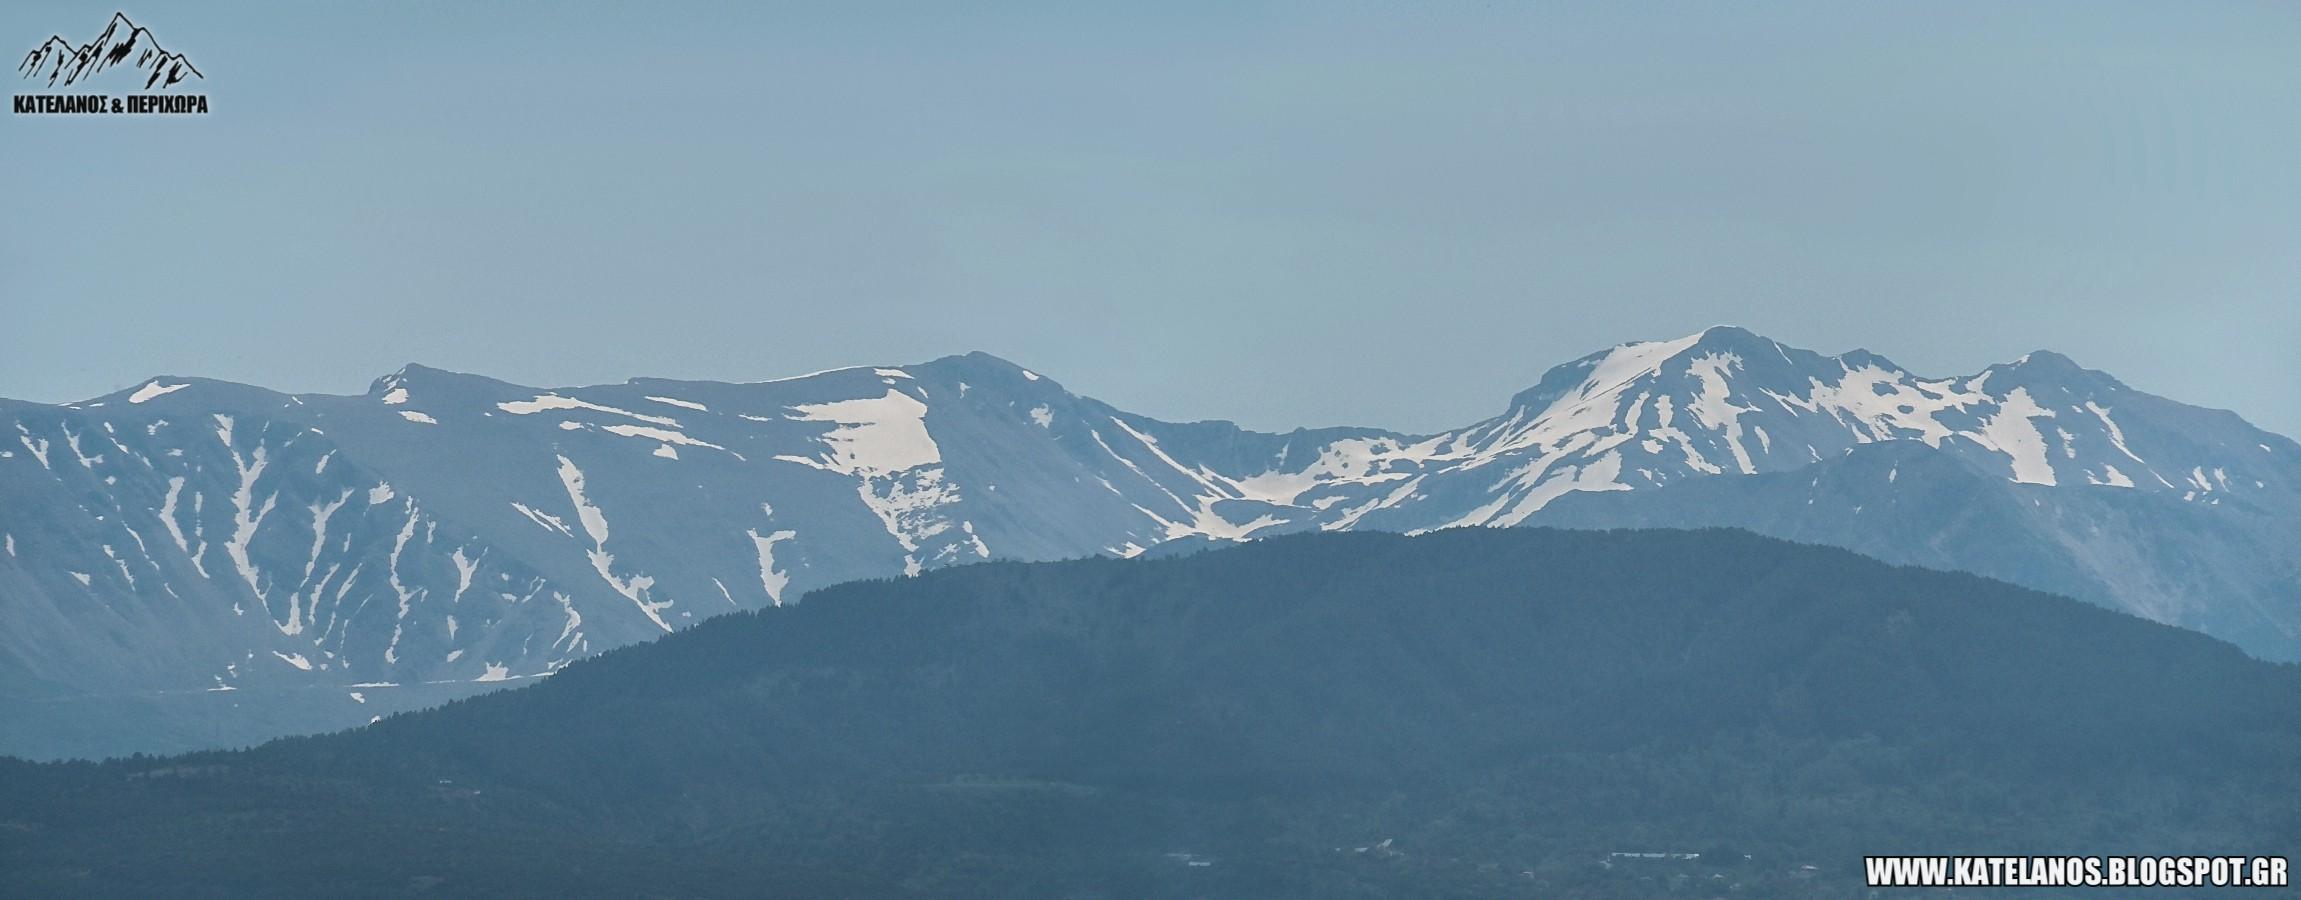 κακαρδιτσα υψομετρο χιονουρες βουνο κορυφη